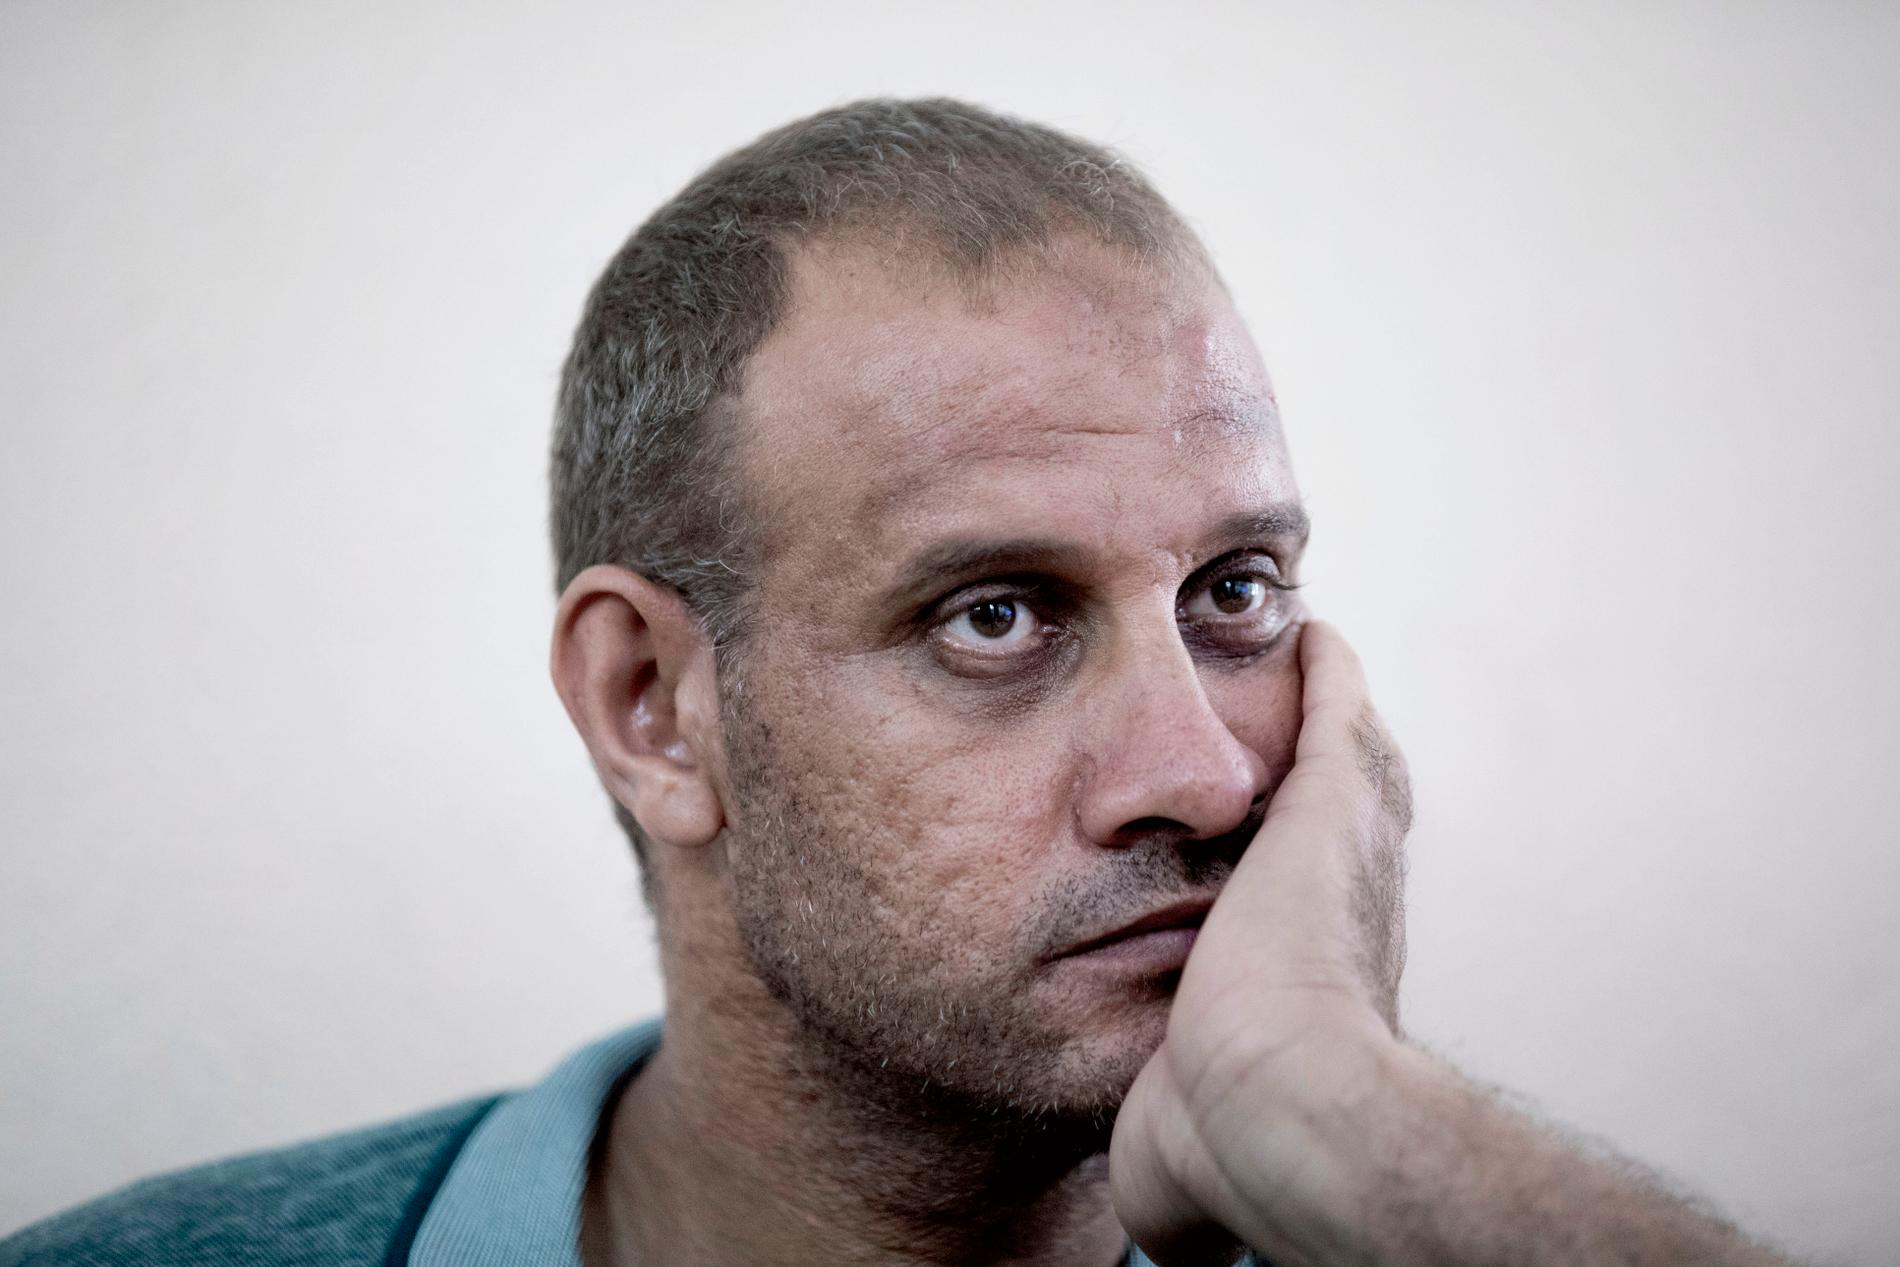 Muhammed al-Hadidi stannade hemma när resten av familjen besökte kusinerna.